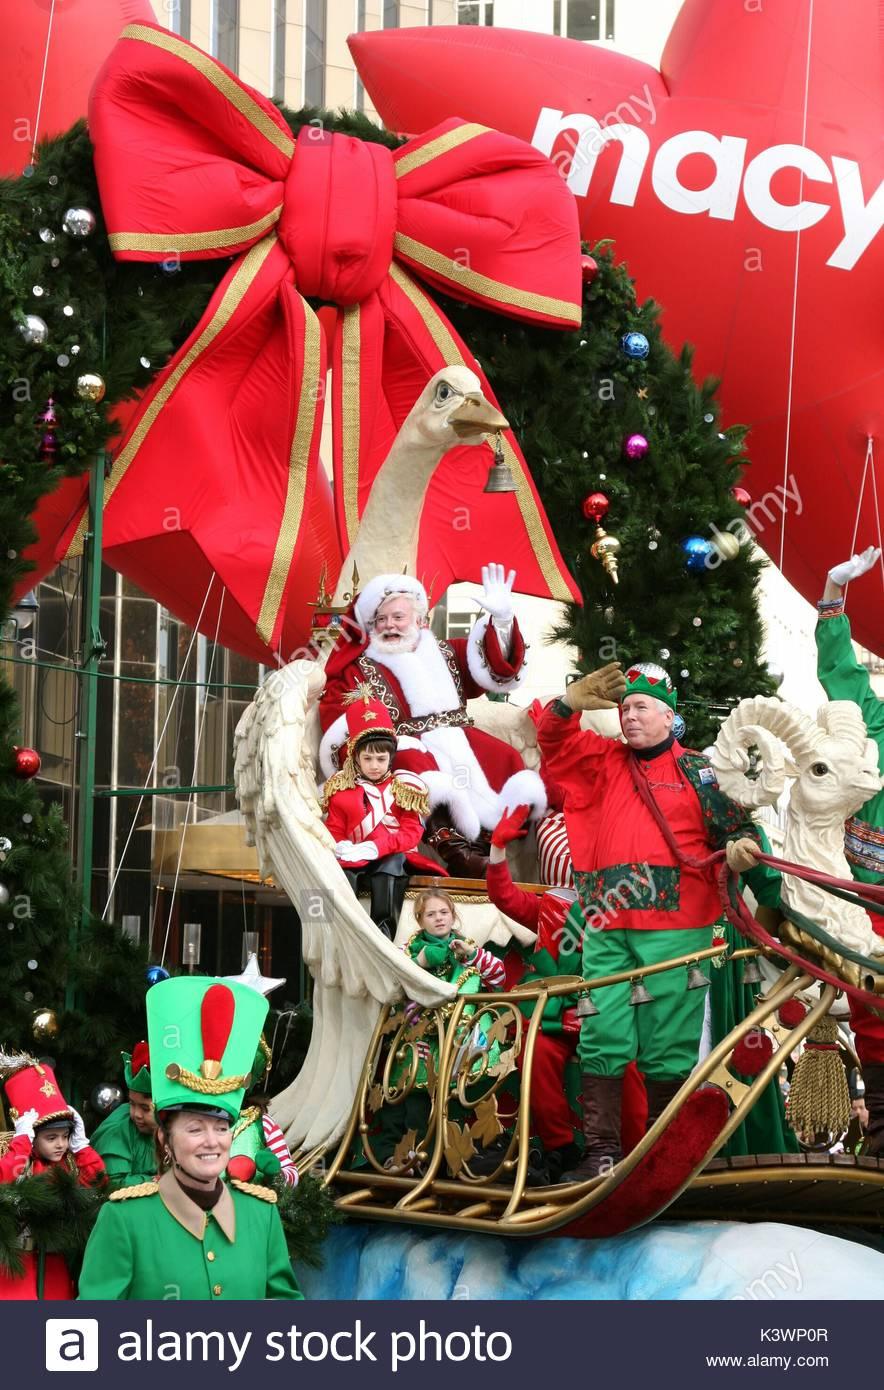 Santa Claus Sleigh City Stock Photos & Santa Claus Sleigh ...